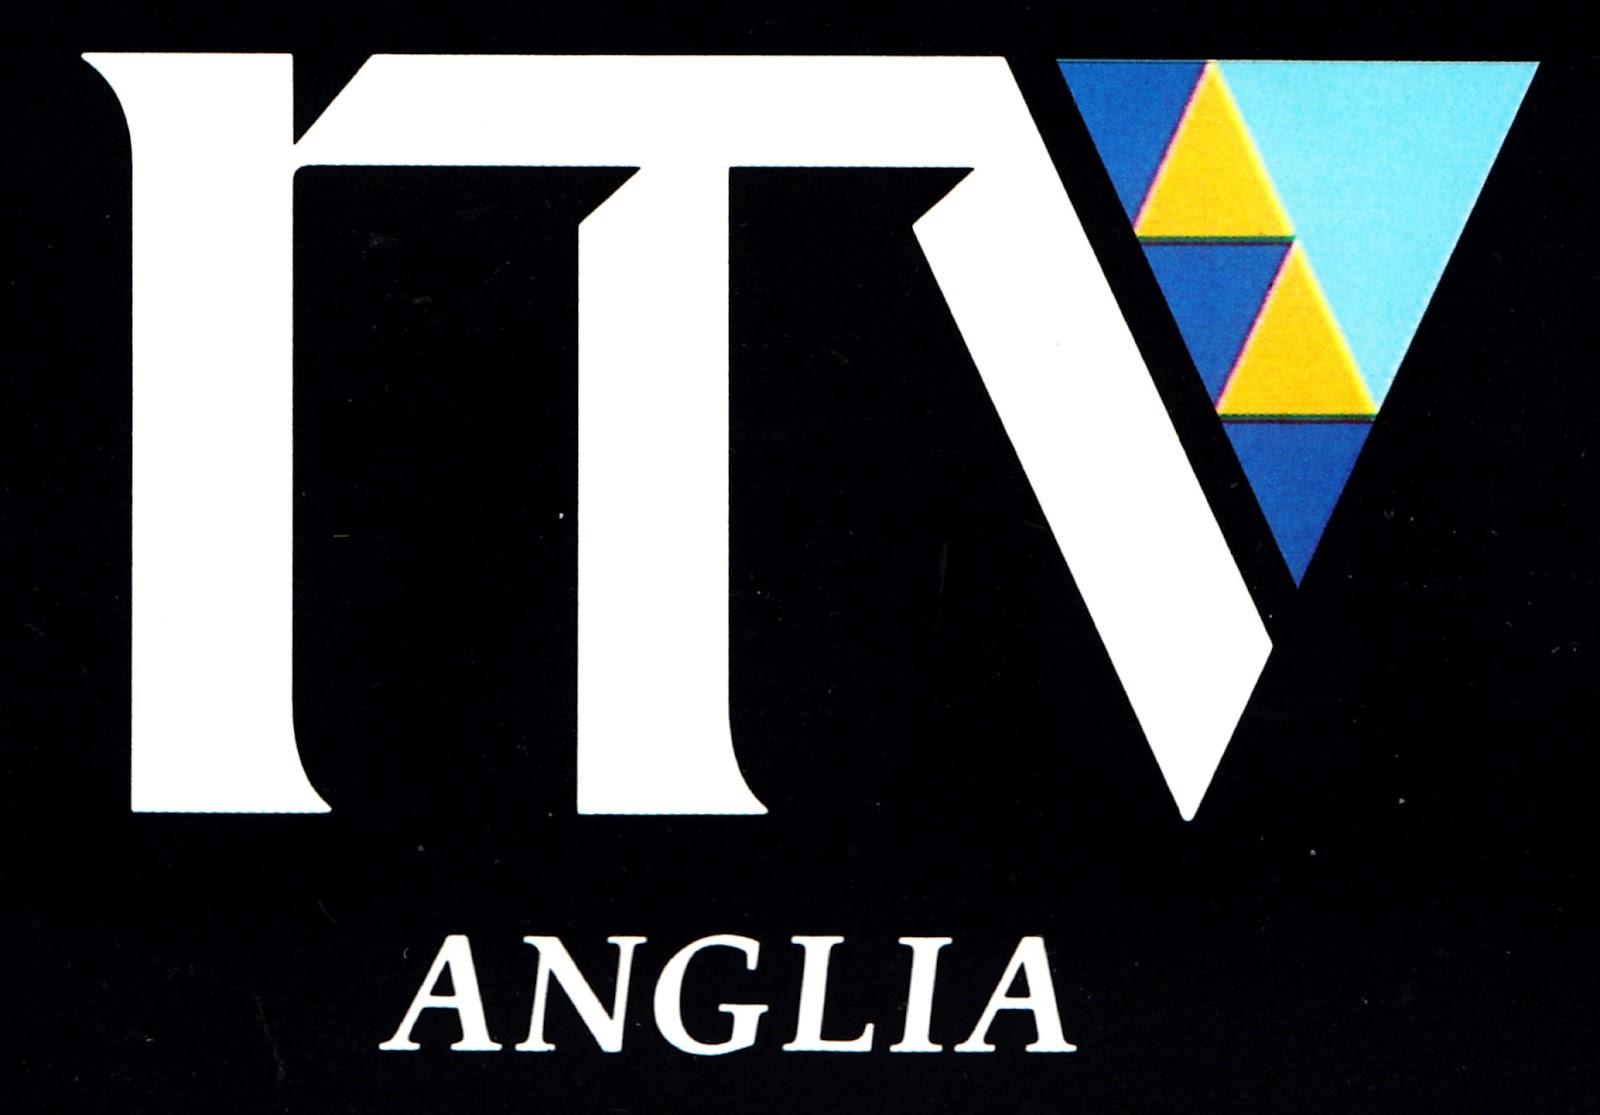 Image - Anglia 2002.png   Logopedia   FANDOM powered by Wikia